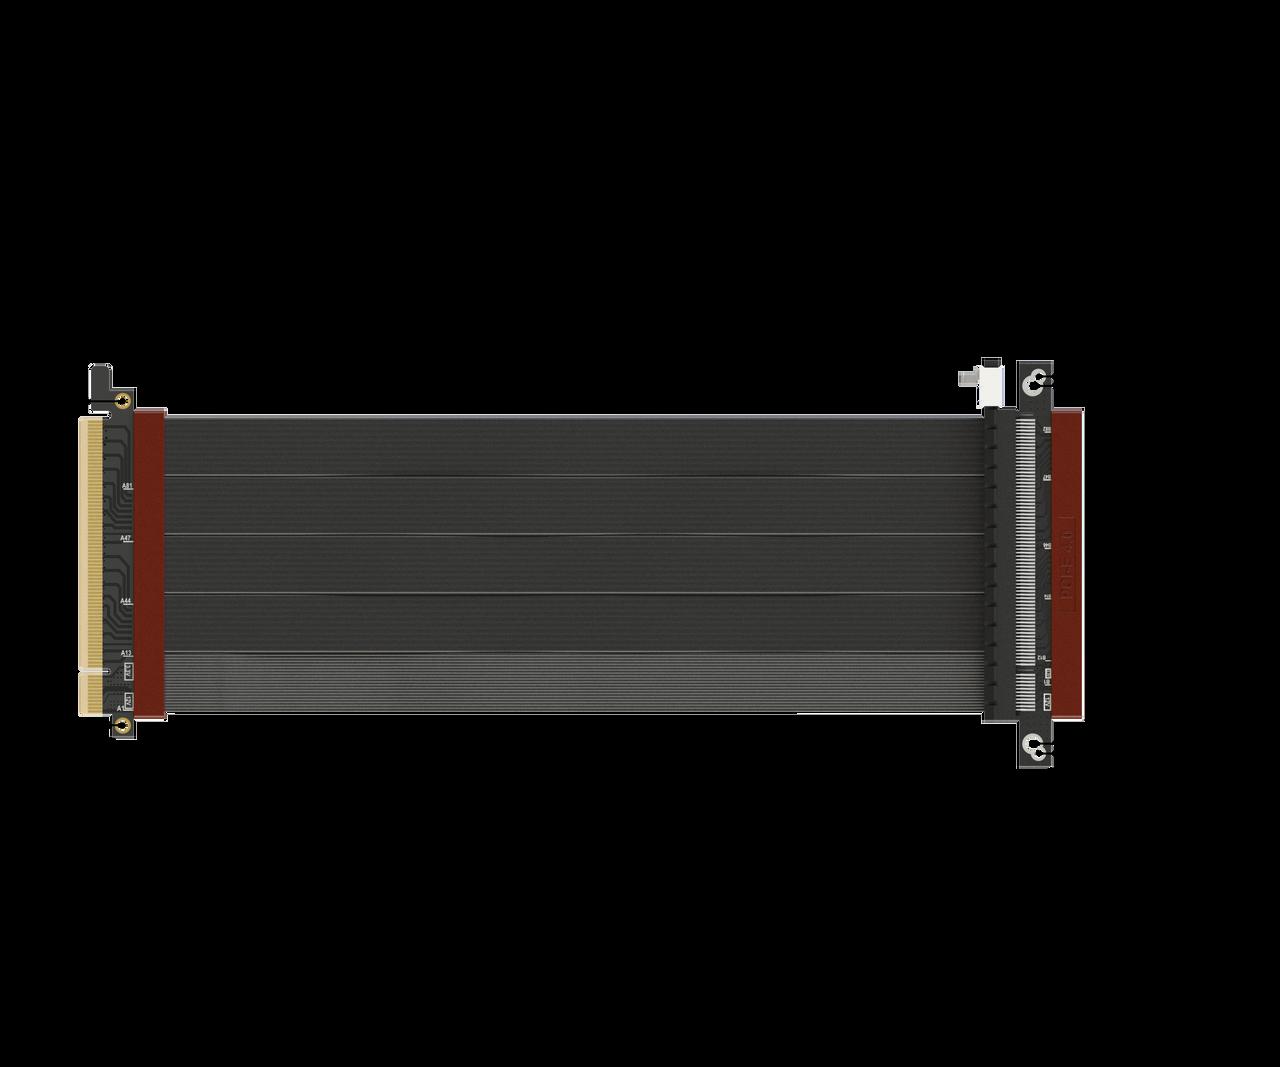 x570 RX5700XT Probado Vertical Especial Doble Eje S/úper Blindado Gen4 Ultra PCIe 4.0 X16 Tarjeta Extensi/ón Cable Elevador Conector 180 Grados {25 cm} PCI Express 3.0 Gen3 y TT Compatible LINKUP